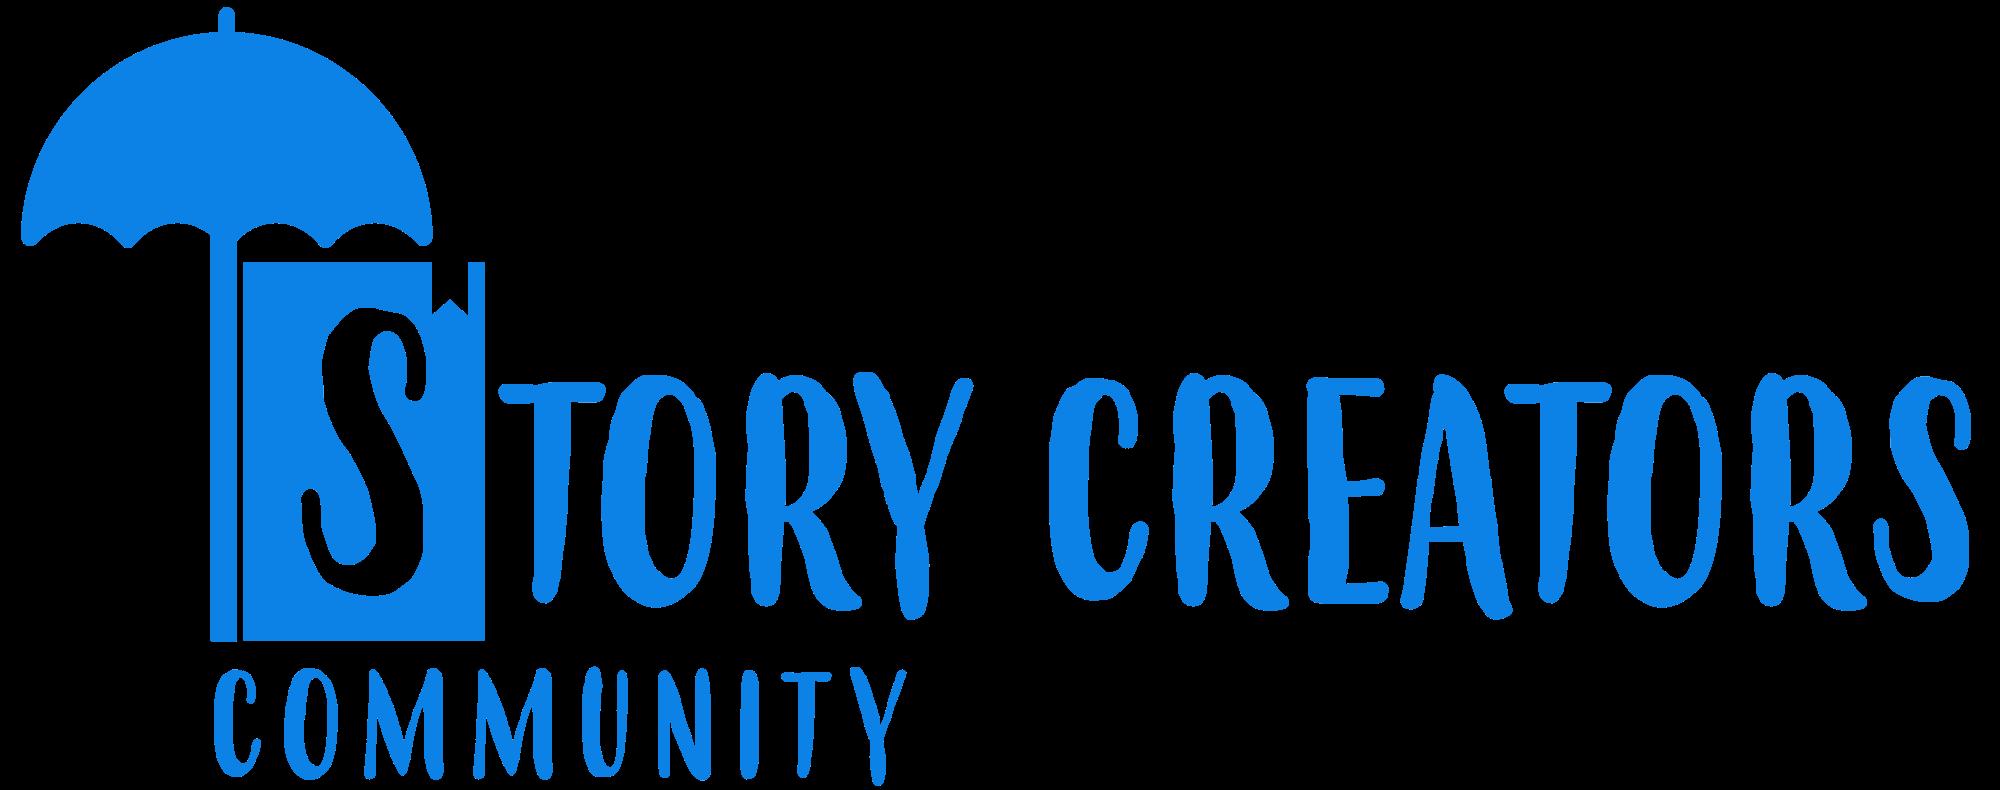 Story Creators Community